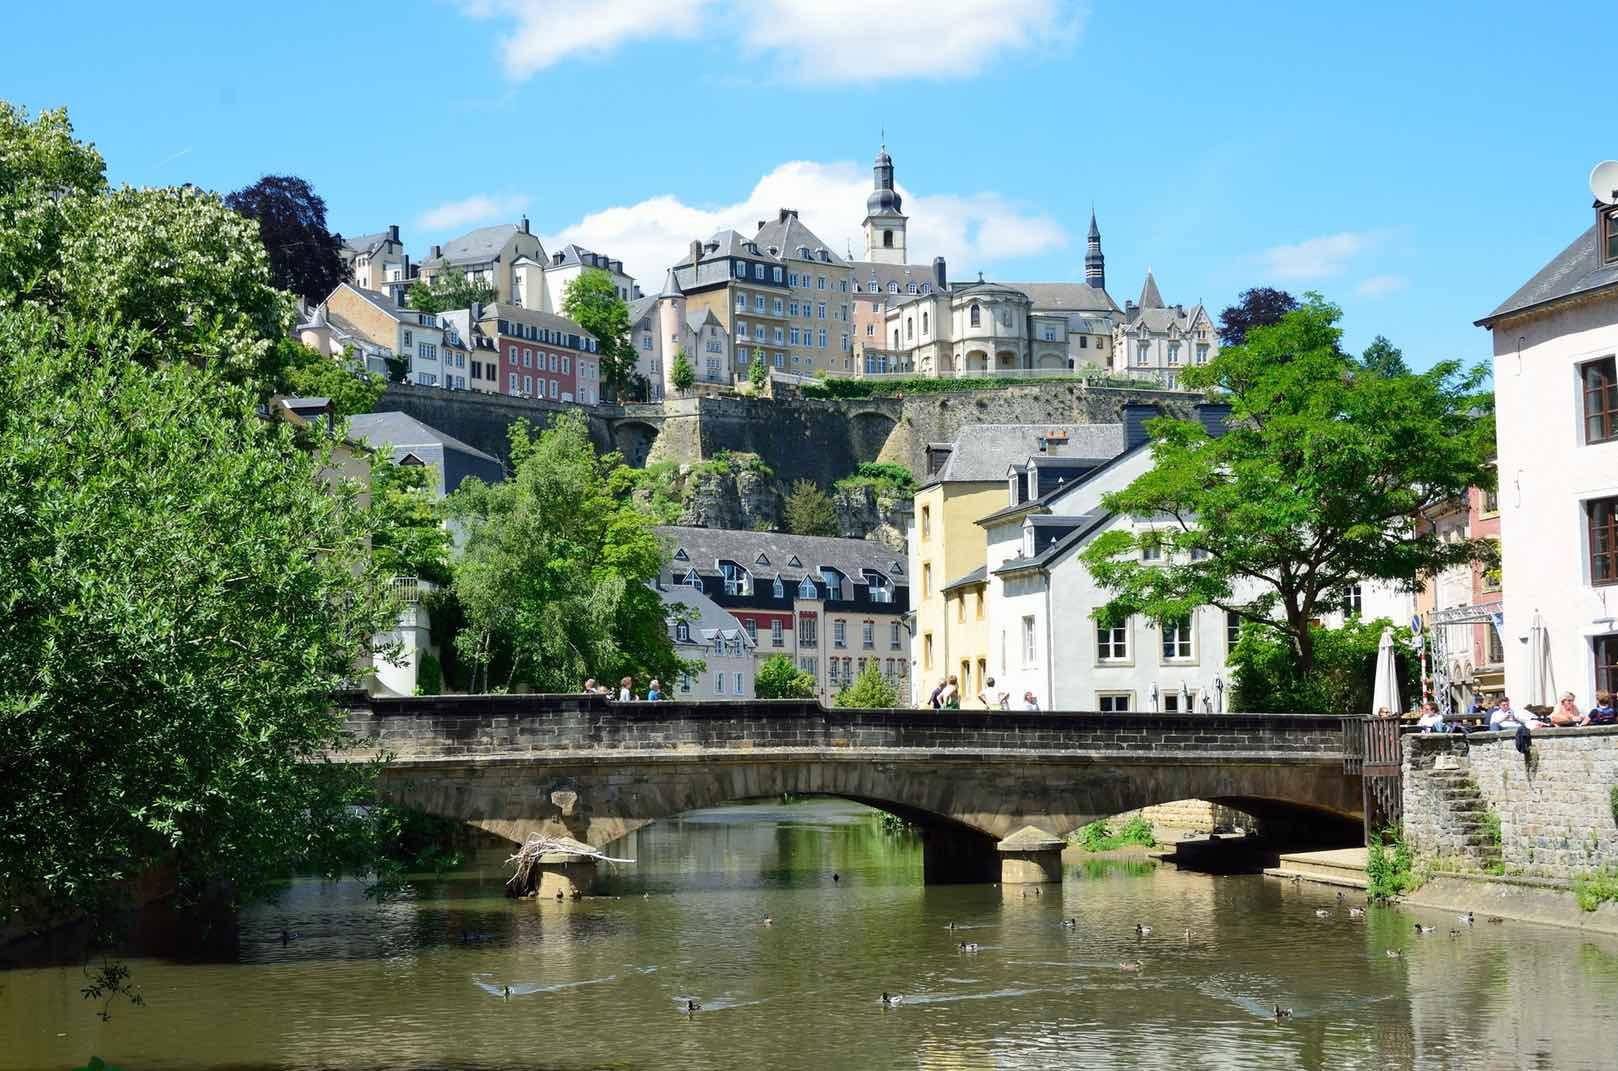 Een weekendje weg in luxemburg stad for Vakantie luxemburg